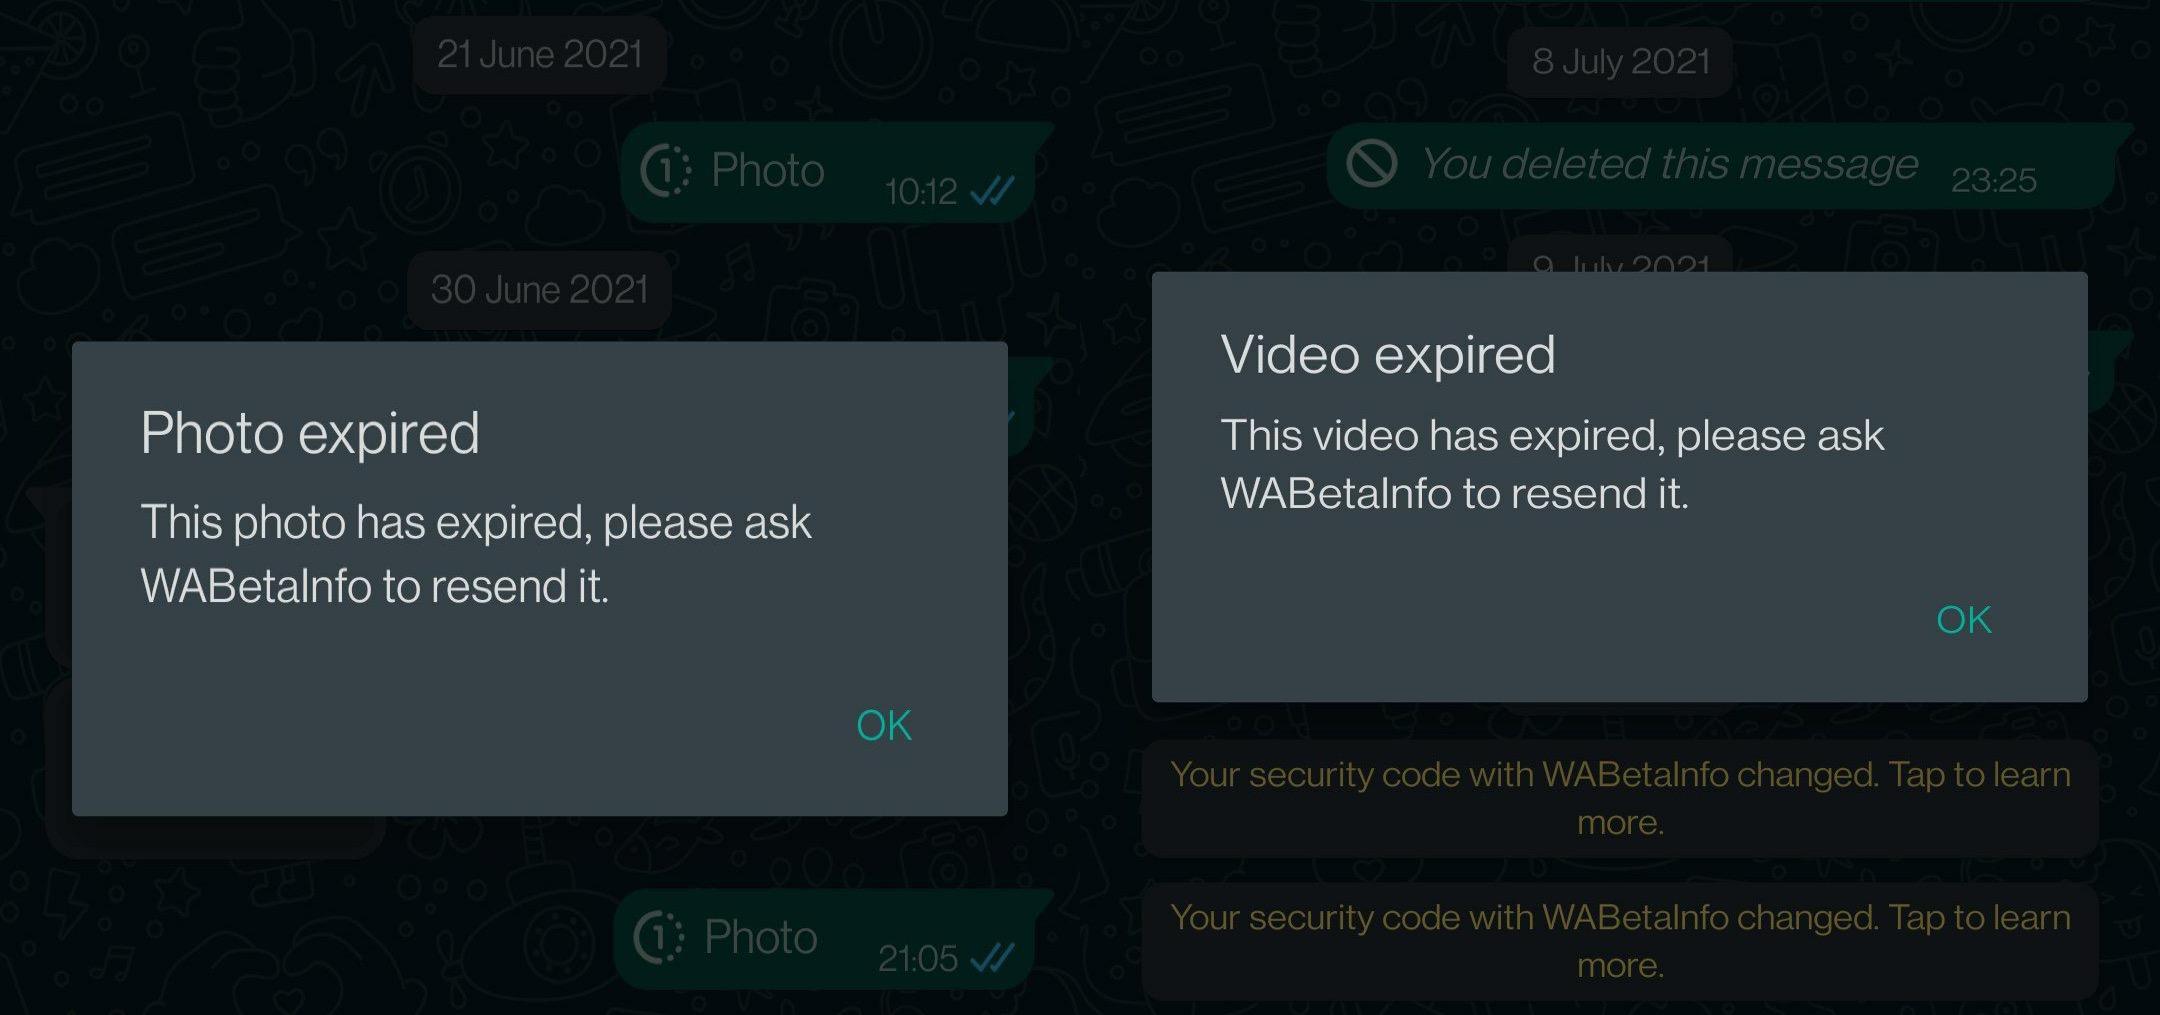 WhatsApp validitate mesaj